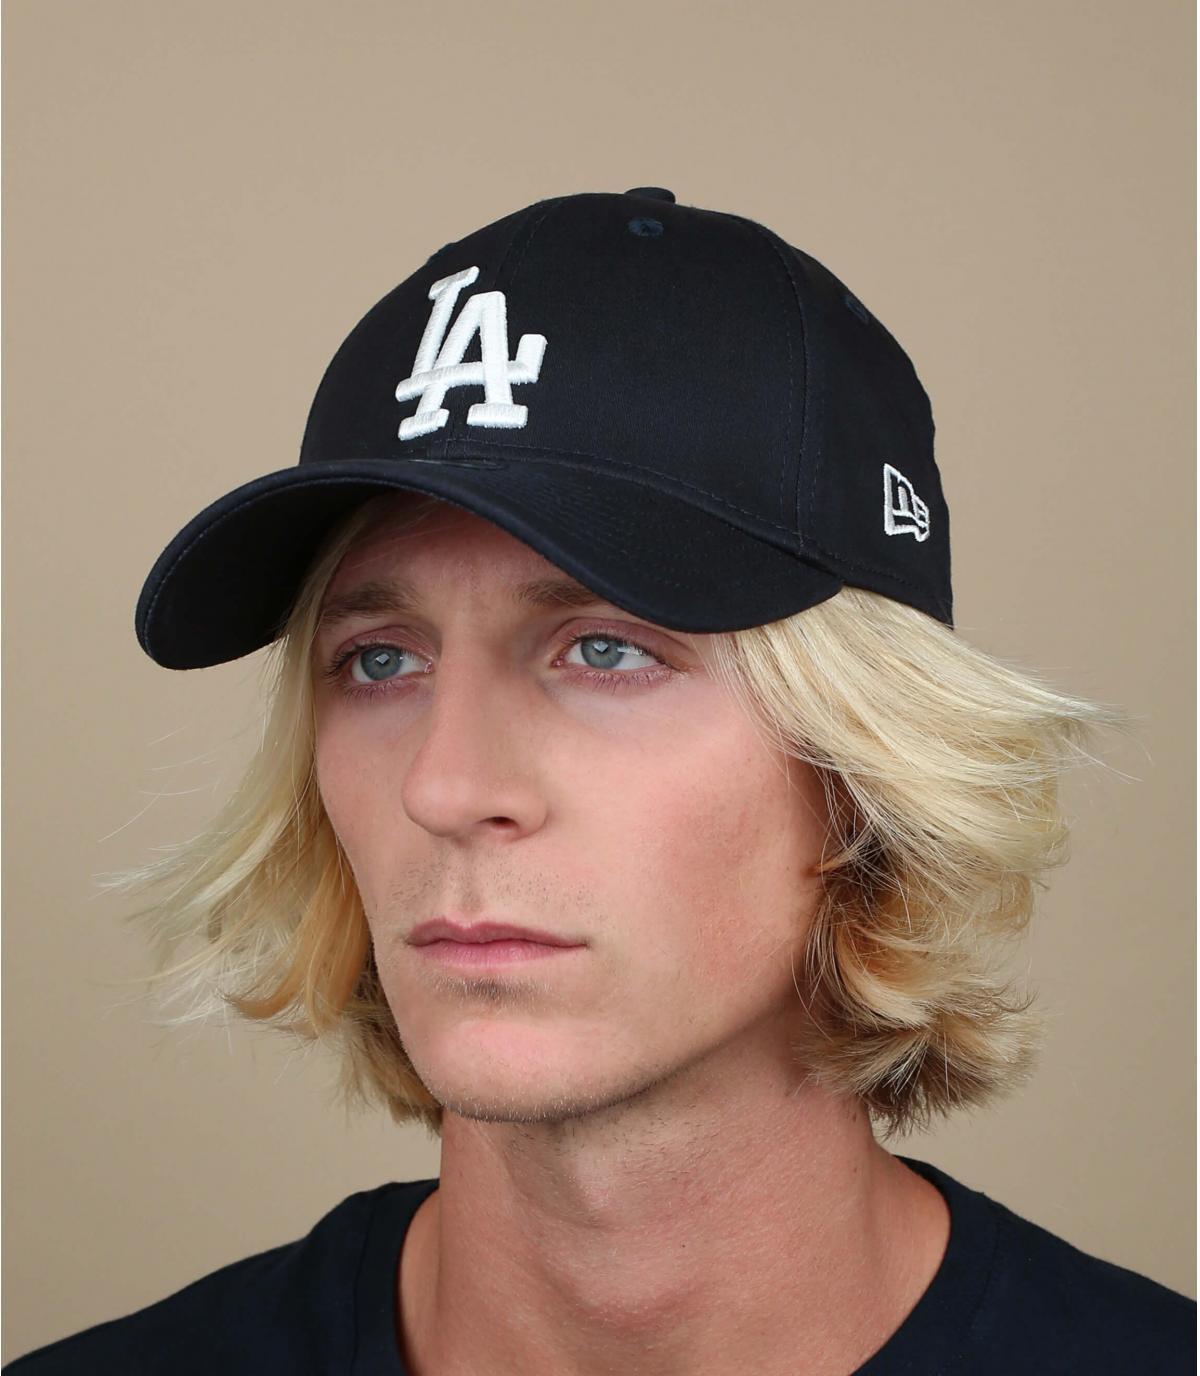 Navy LA trucker cap